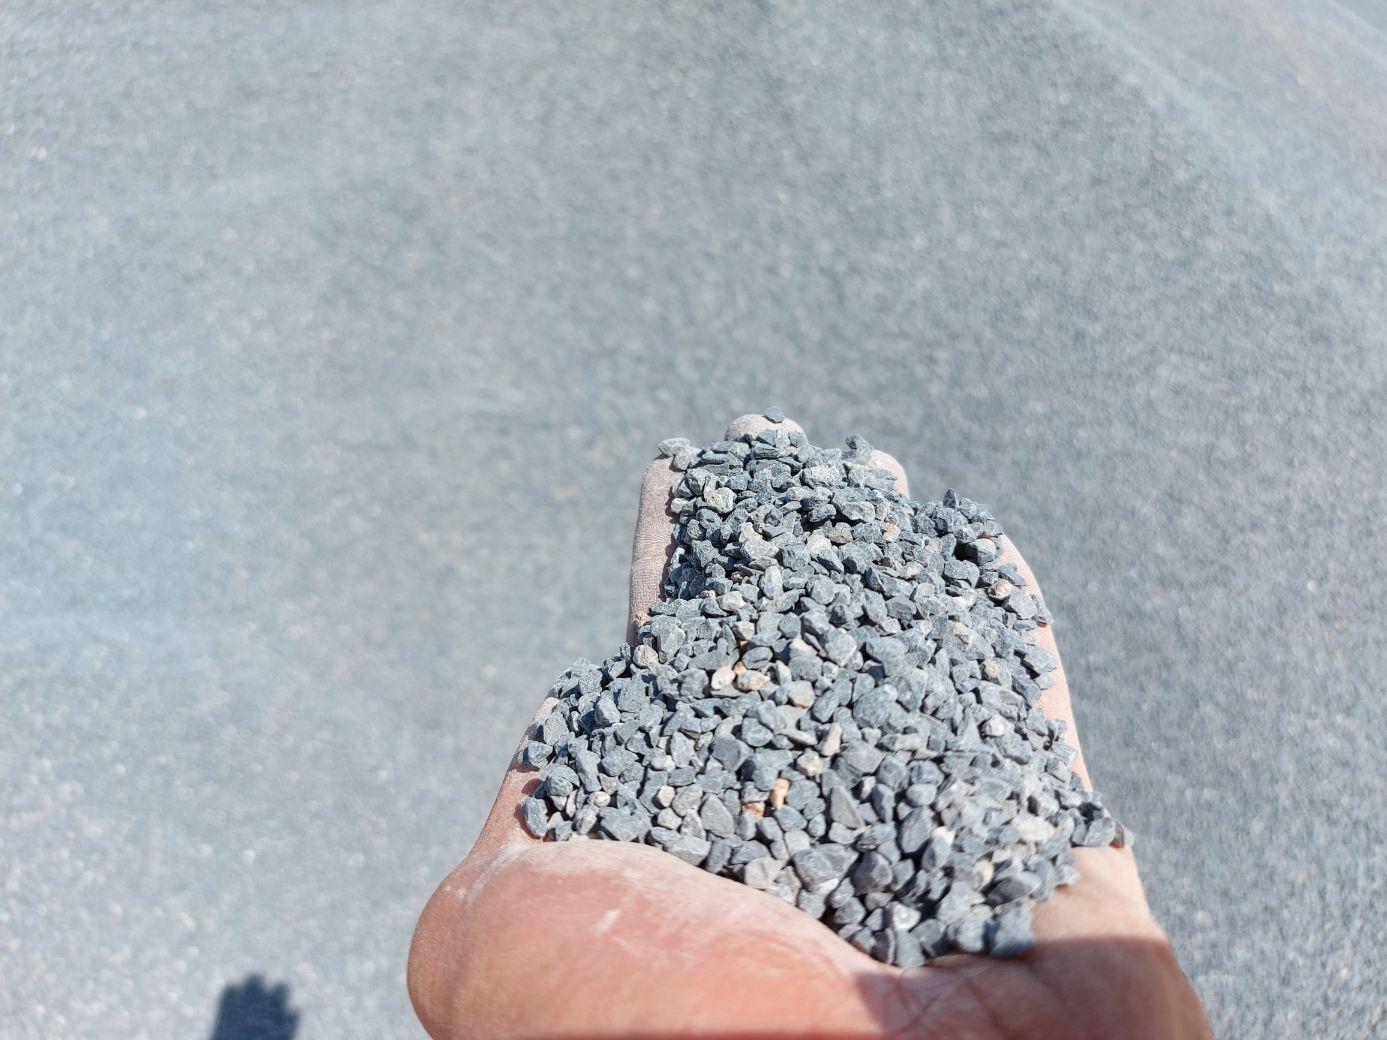 Gravel River Isp stone